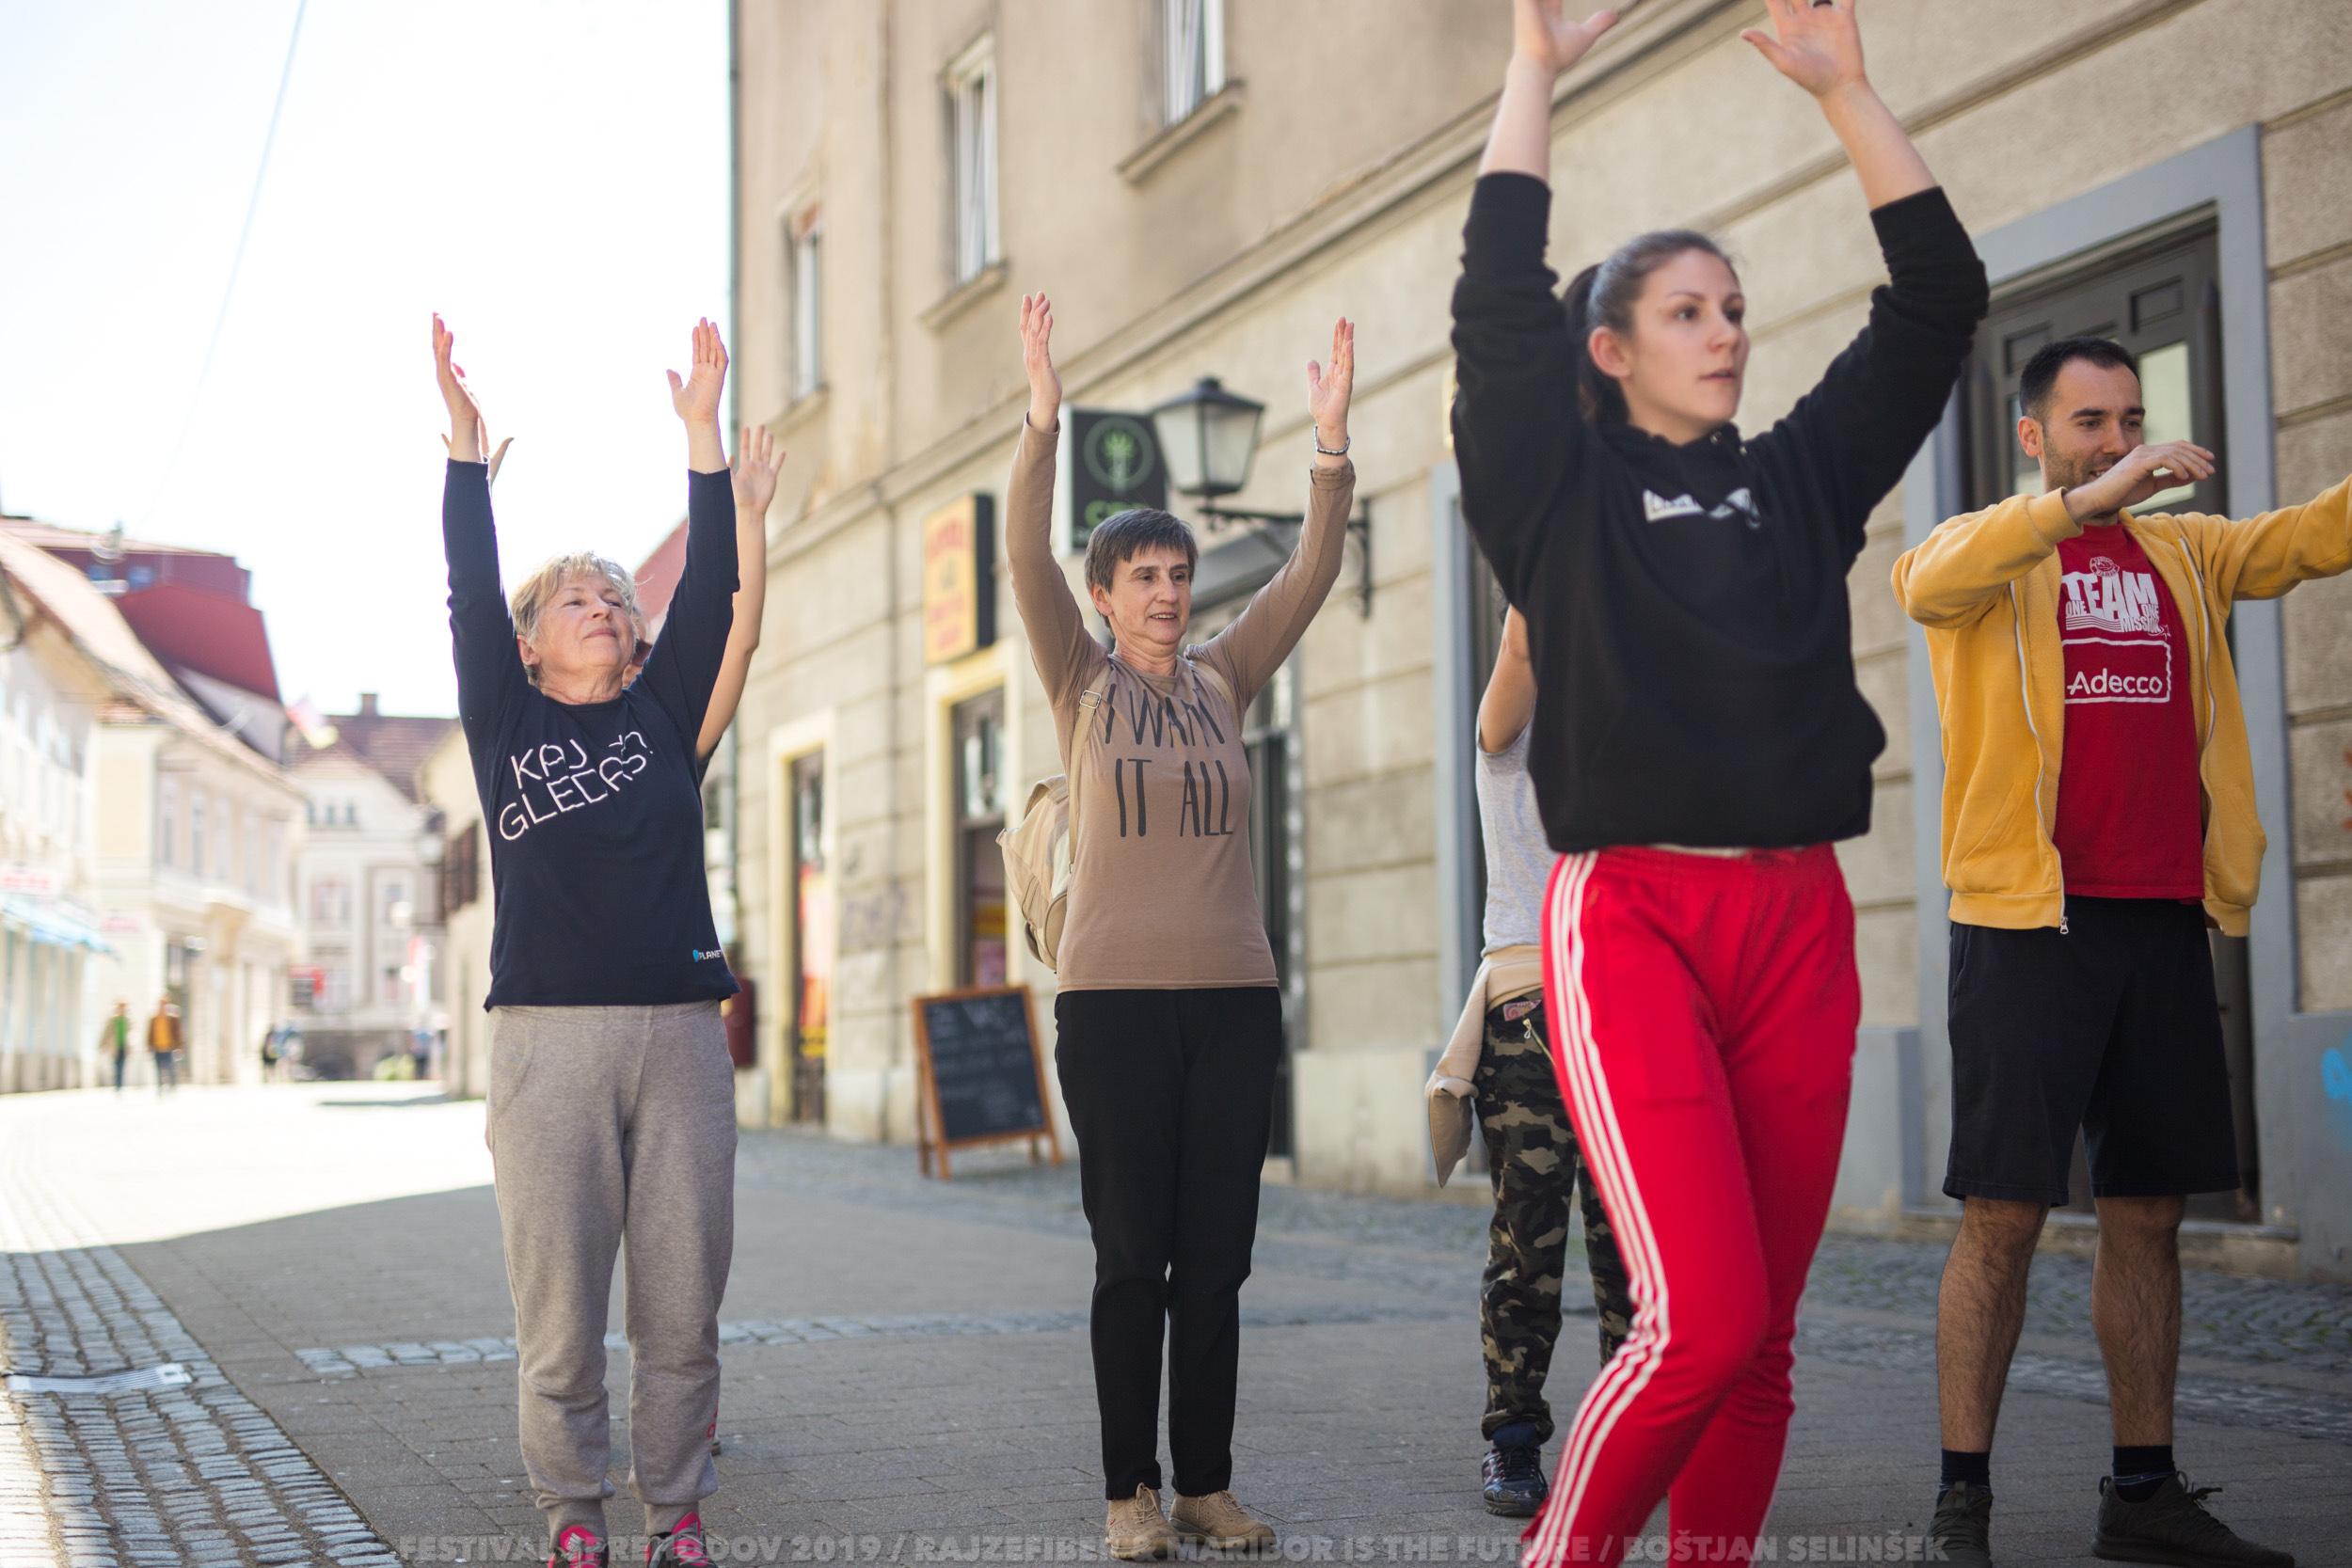 festival sprehodov 2019_5dan_Boštjan Selinšek (44).jpg